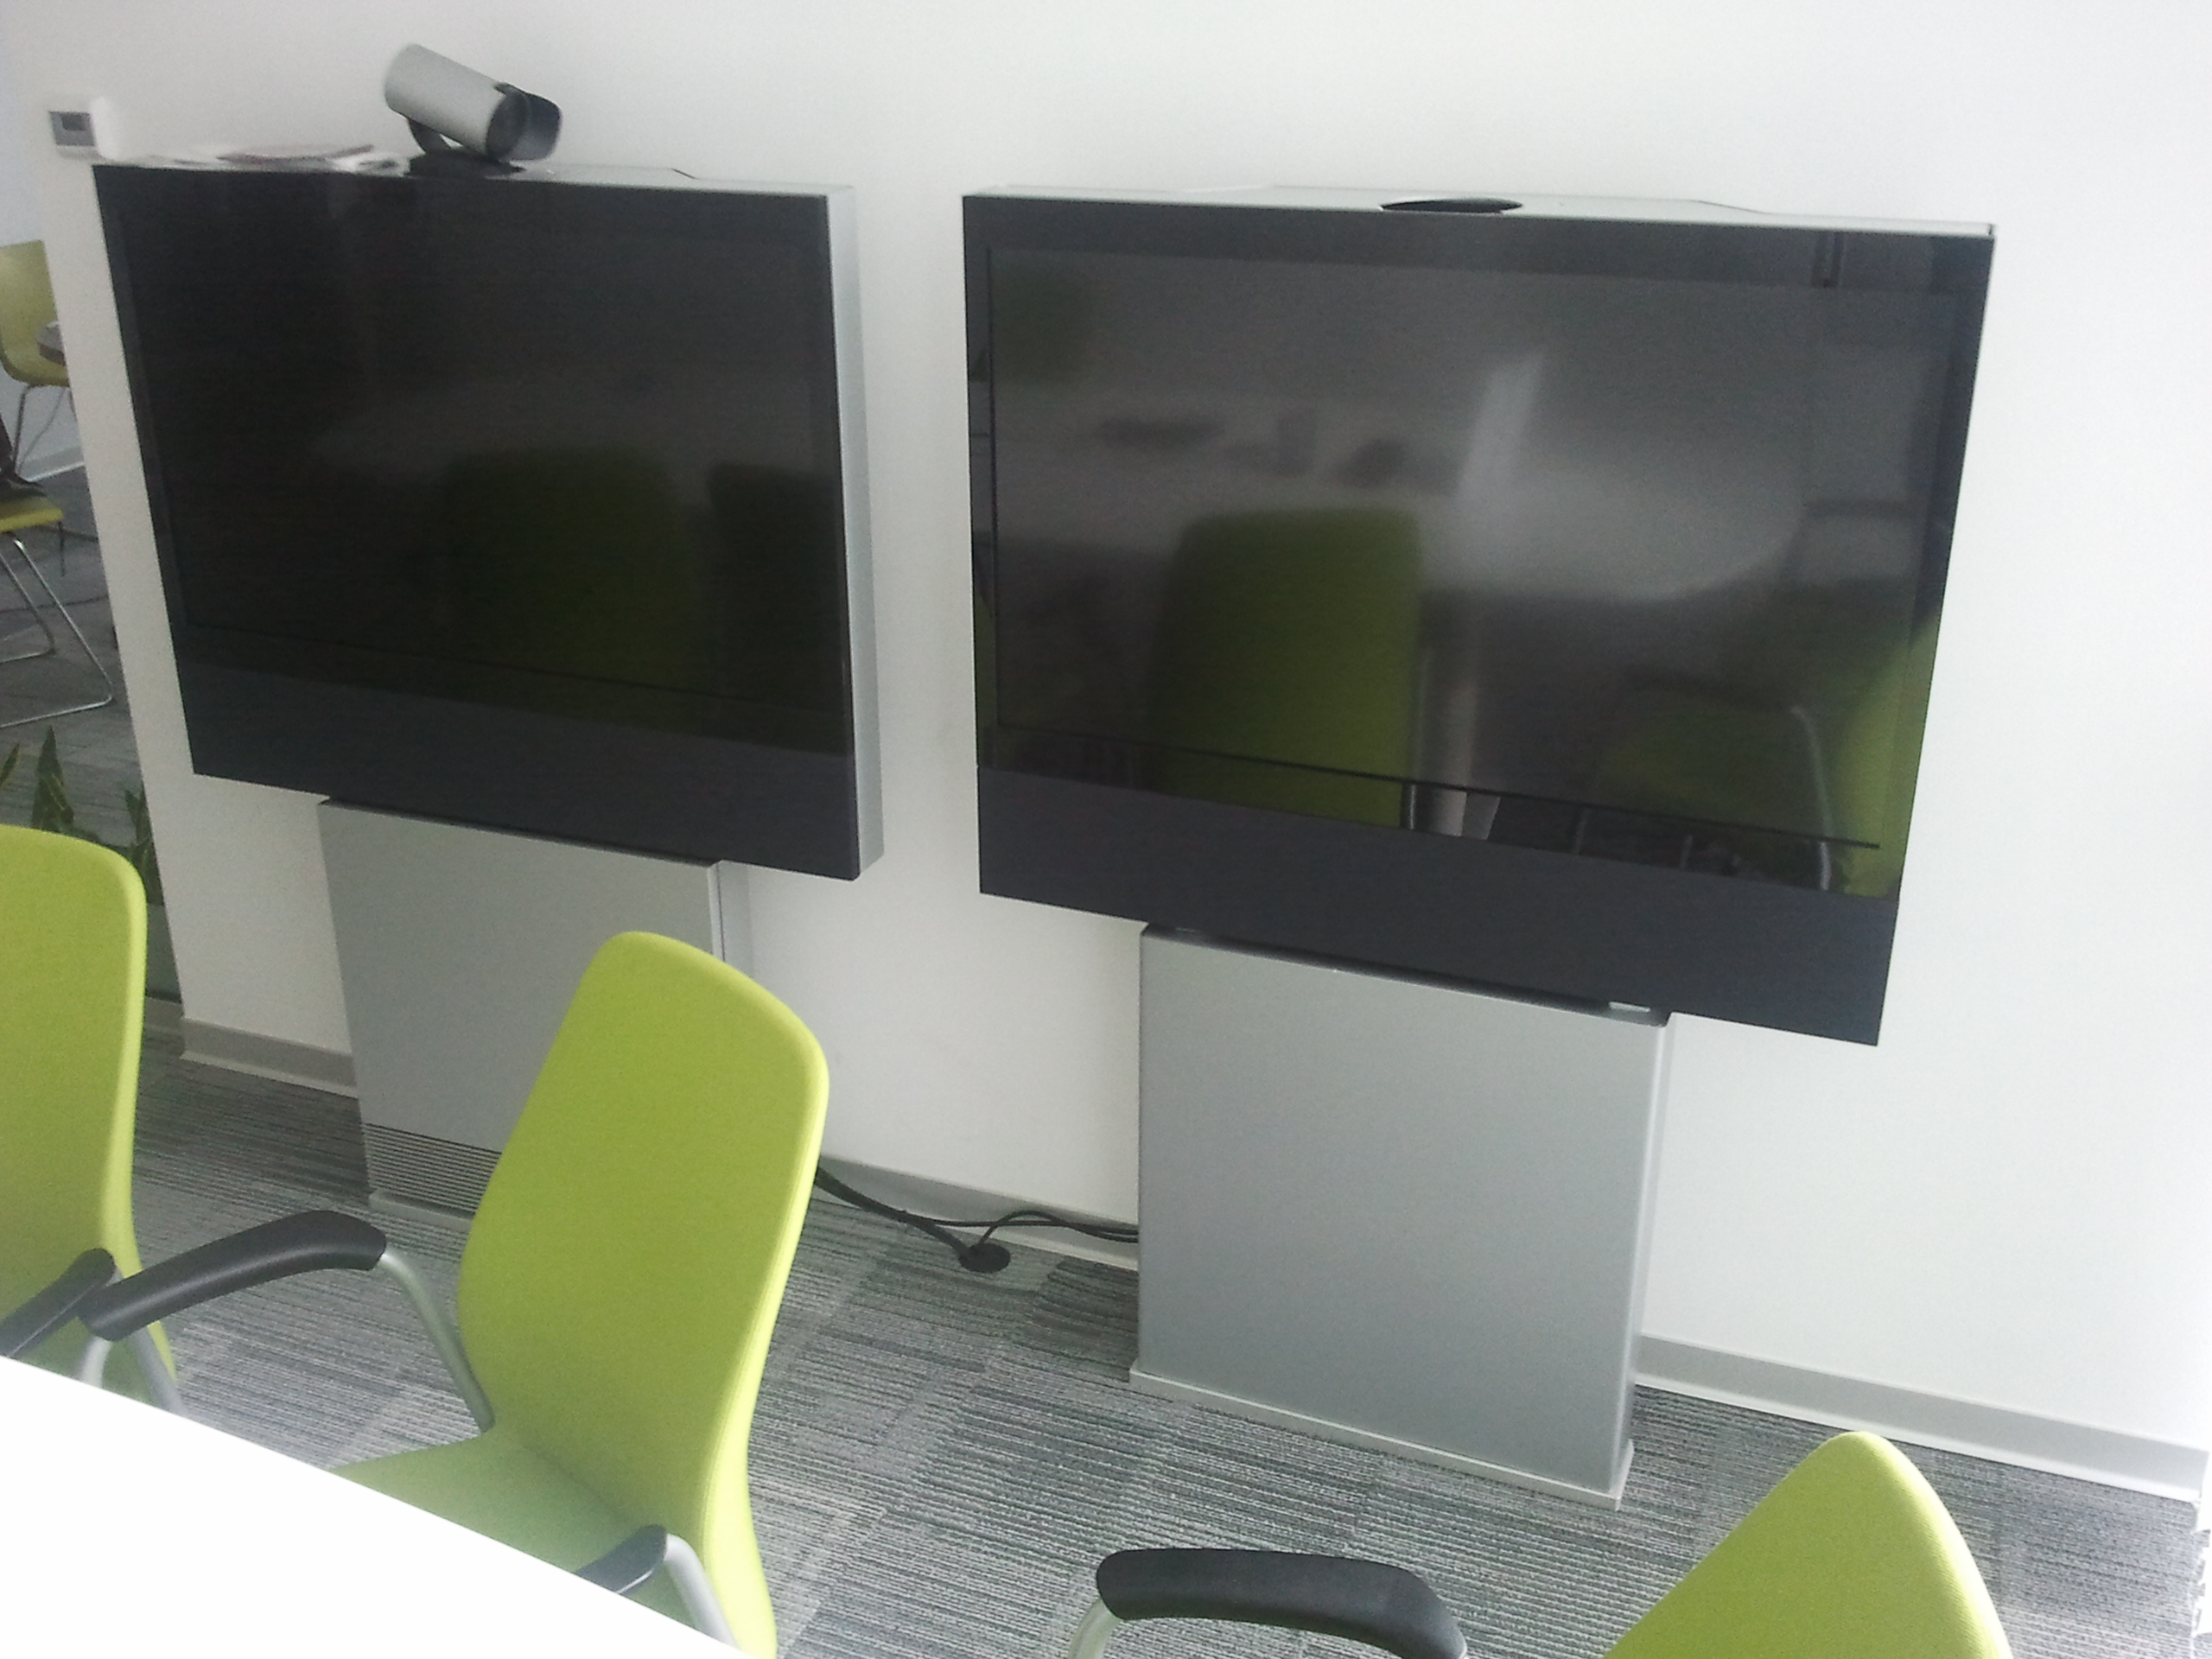 Instalacja Cisco Telepresence Profile 42 w Krakowie